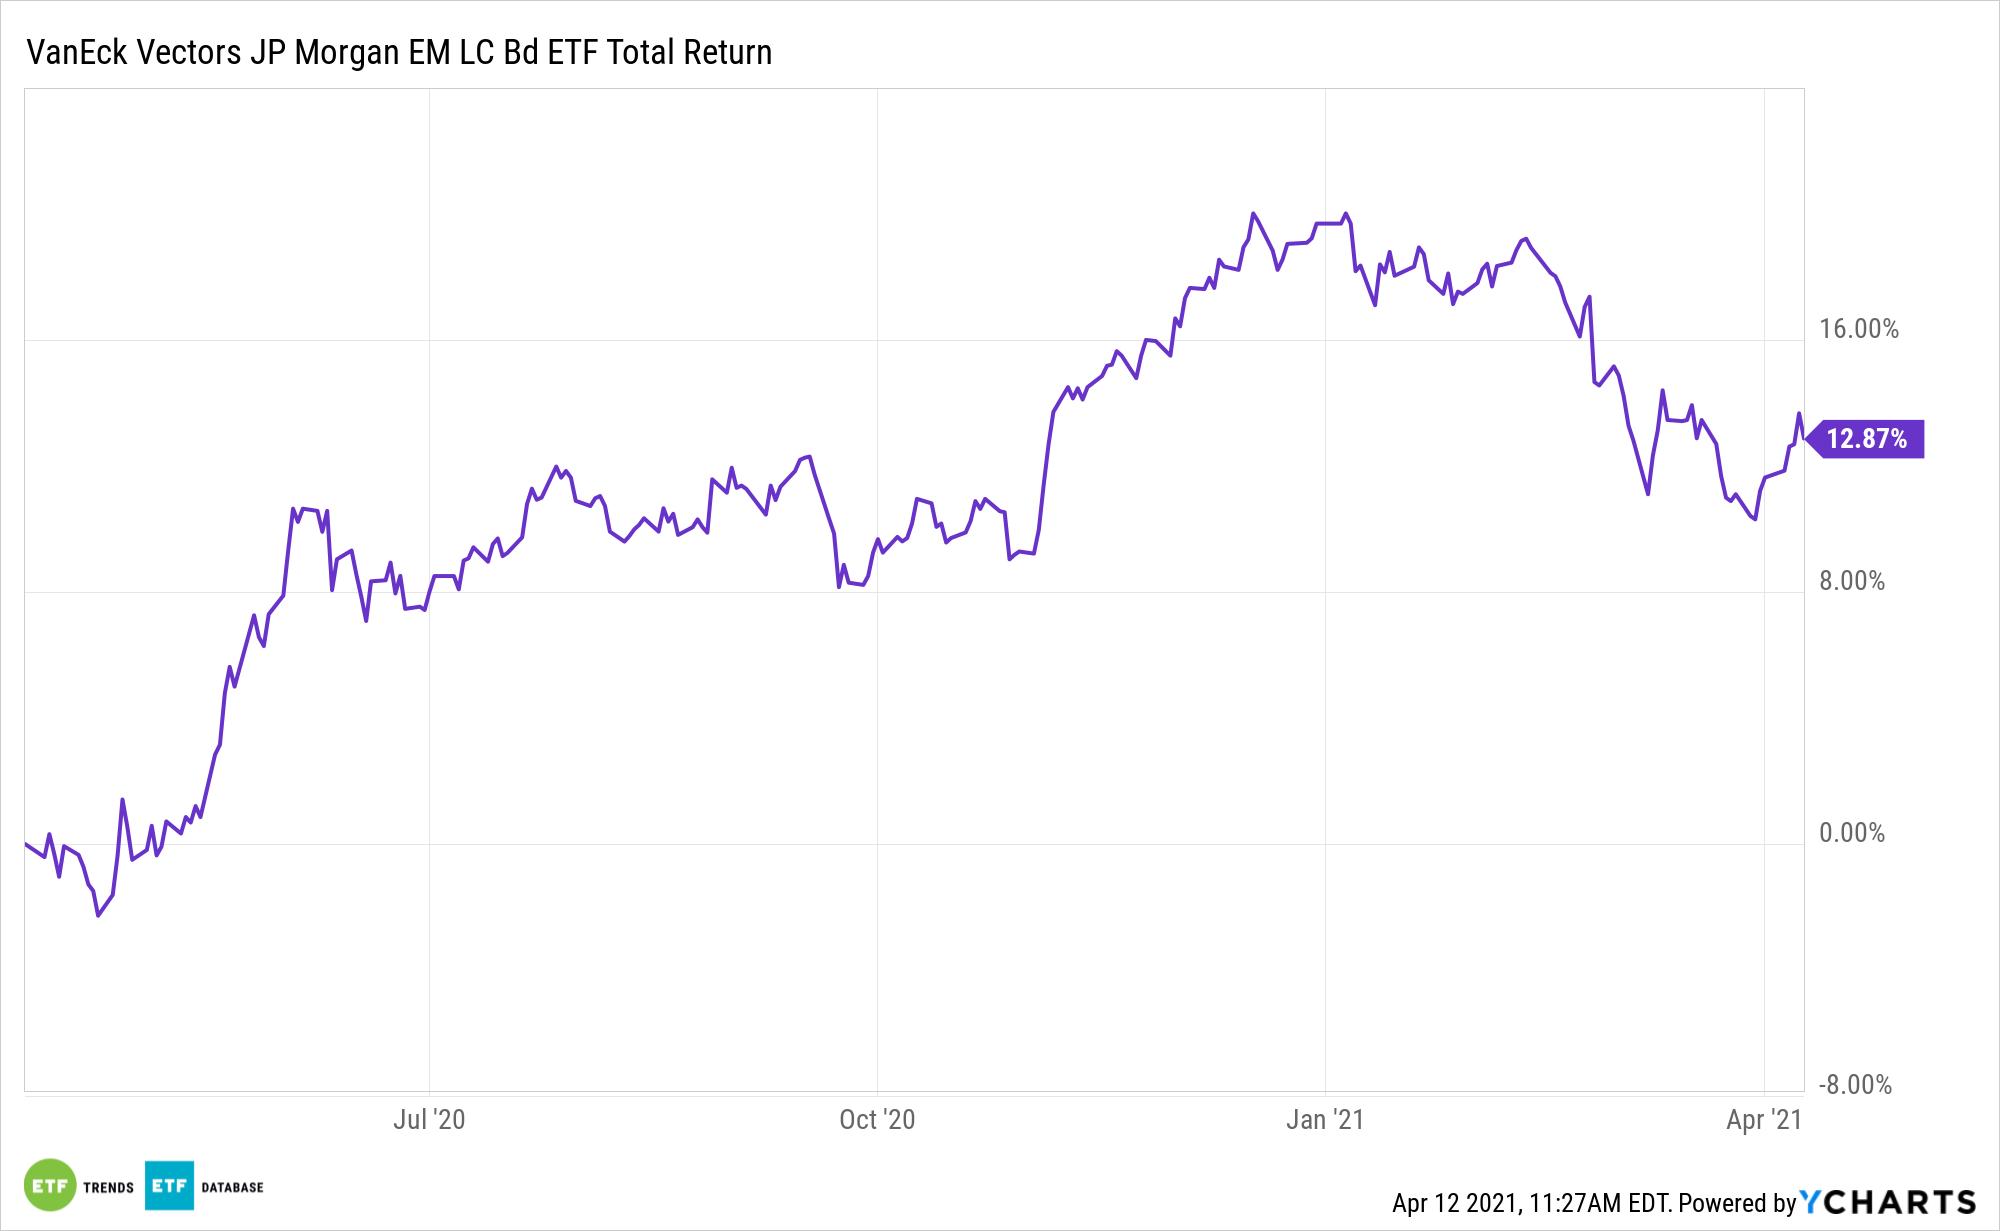 EMLC 1 Year Total Return